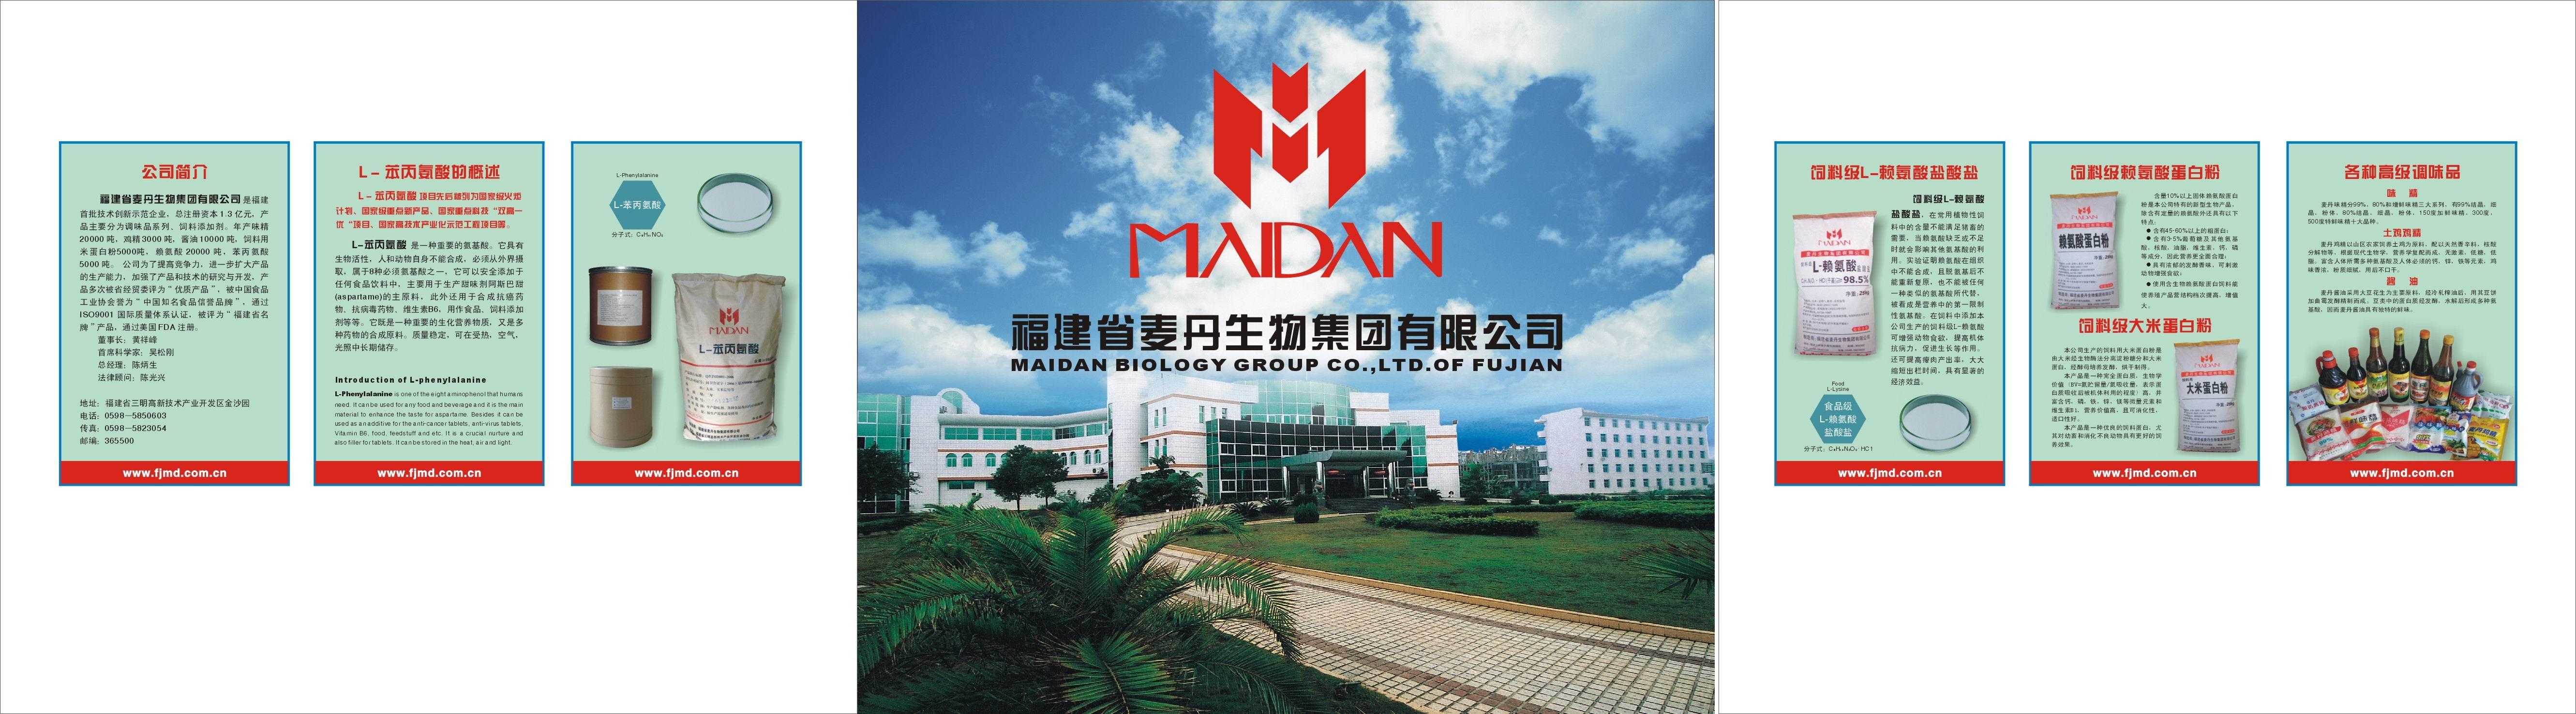 福建省麦丹生物集团有限公司